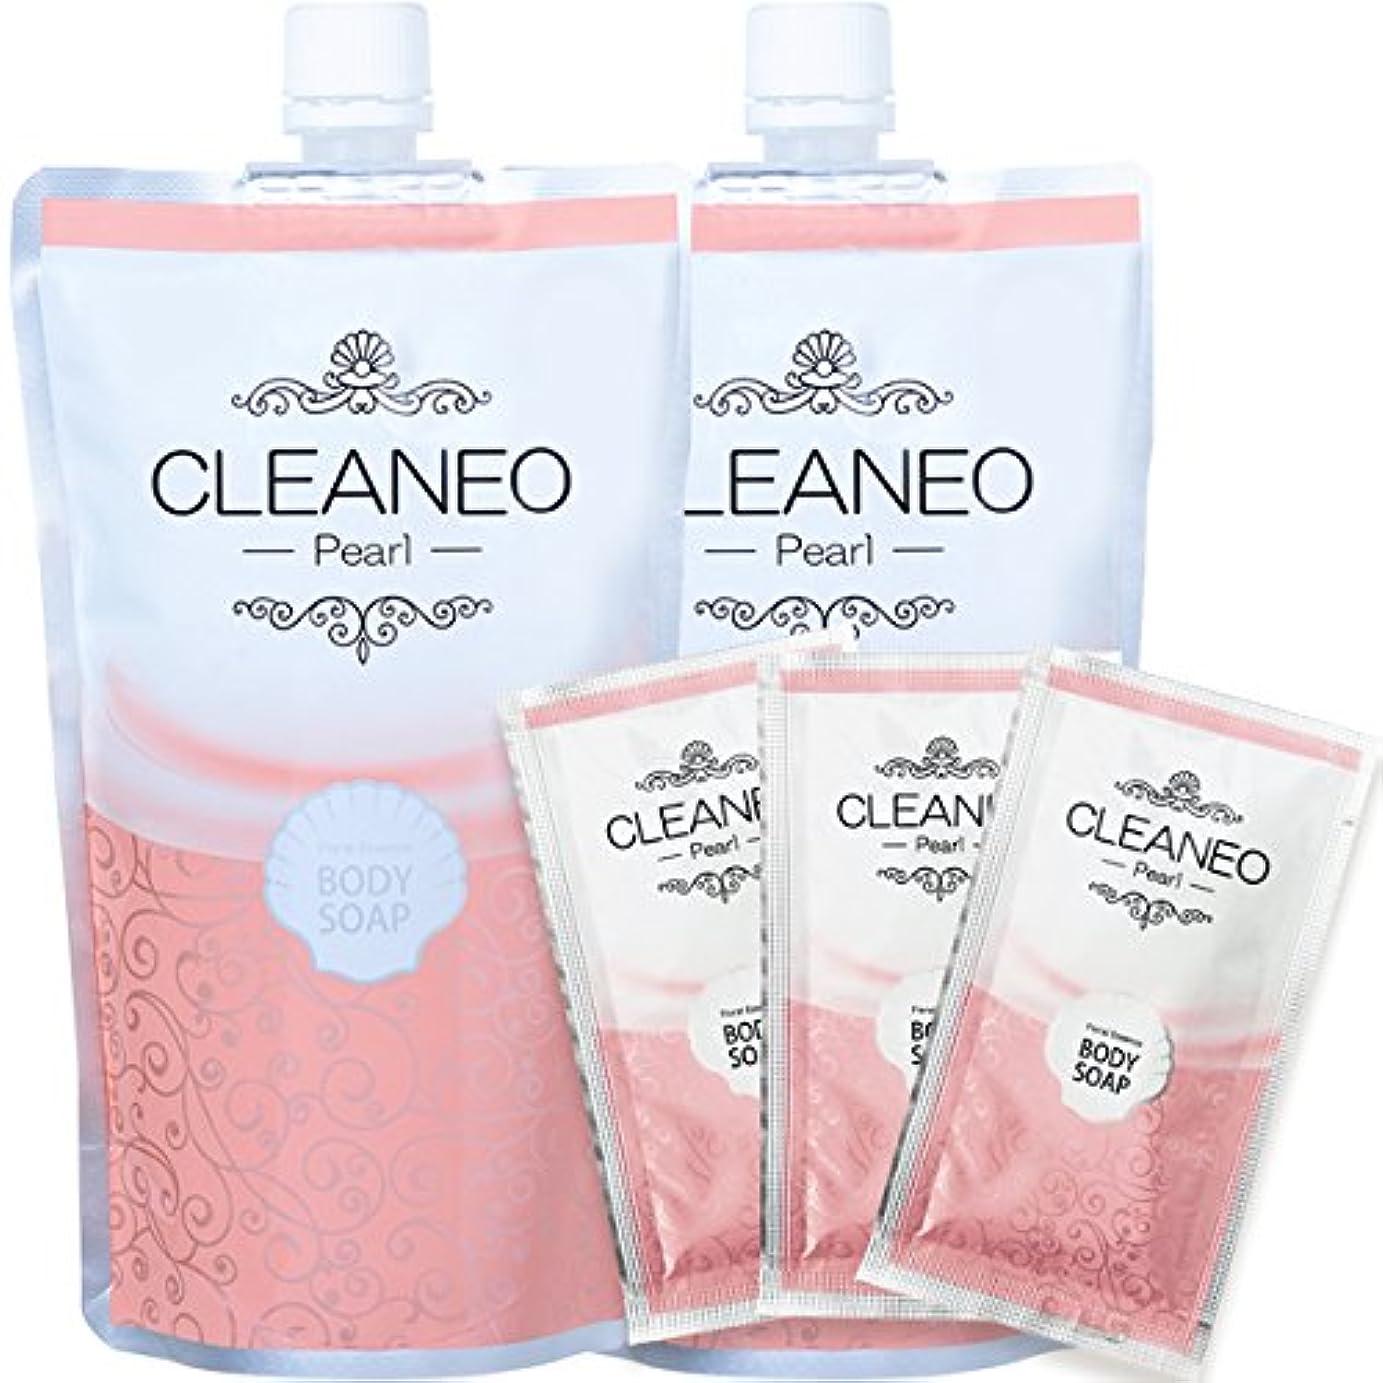 喜ぶ汚す医師クリアネオ公式(CLEANEO) パール オーガニックボディソープ 透明感のある美肌へ 詰替300ml ×2 + パールパウチセット